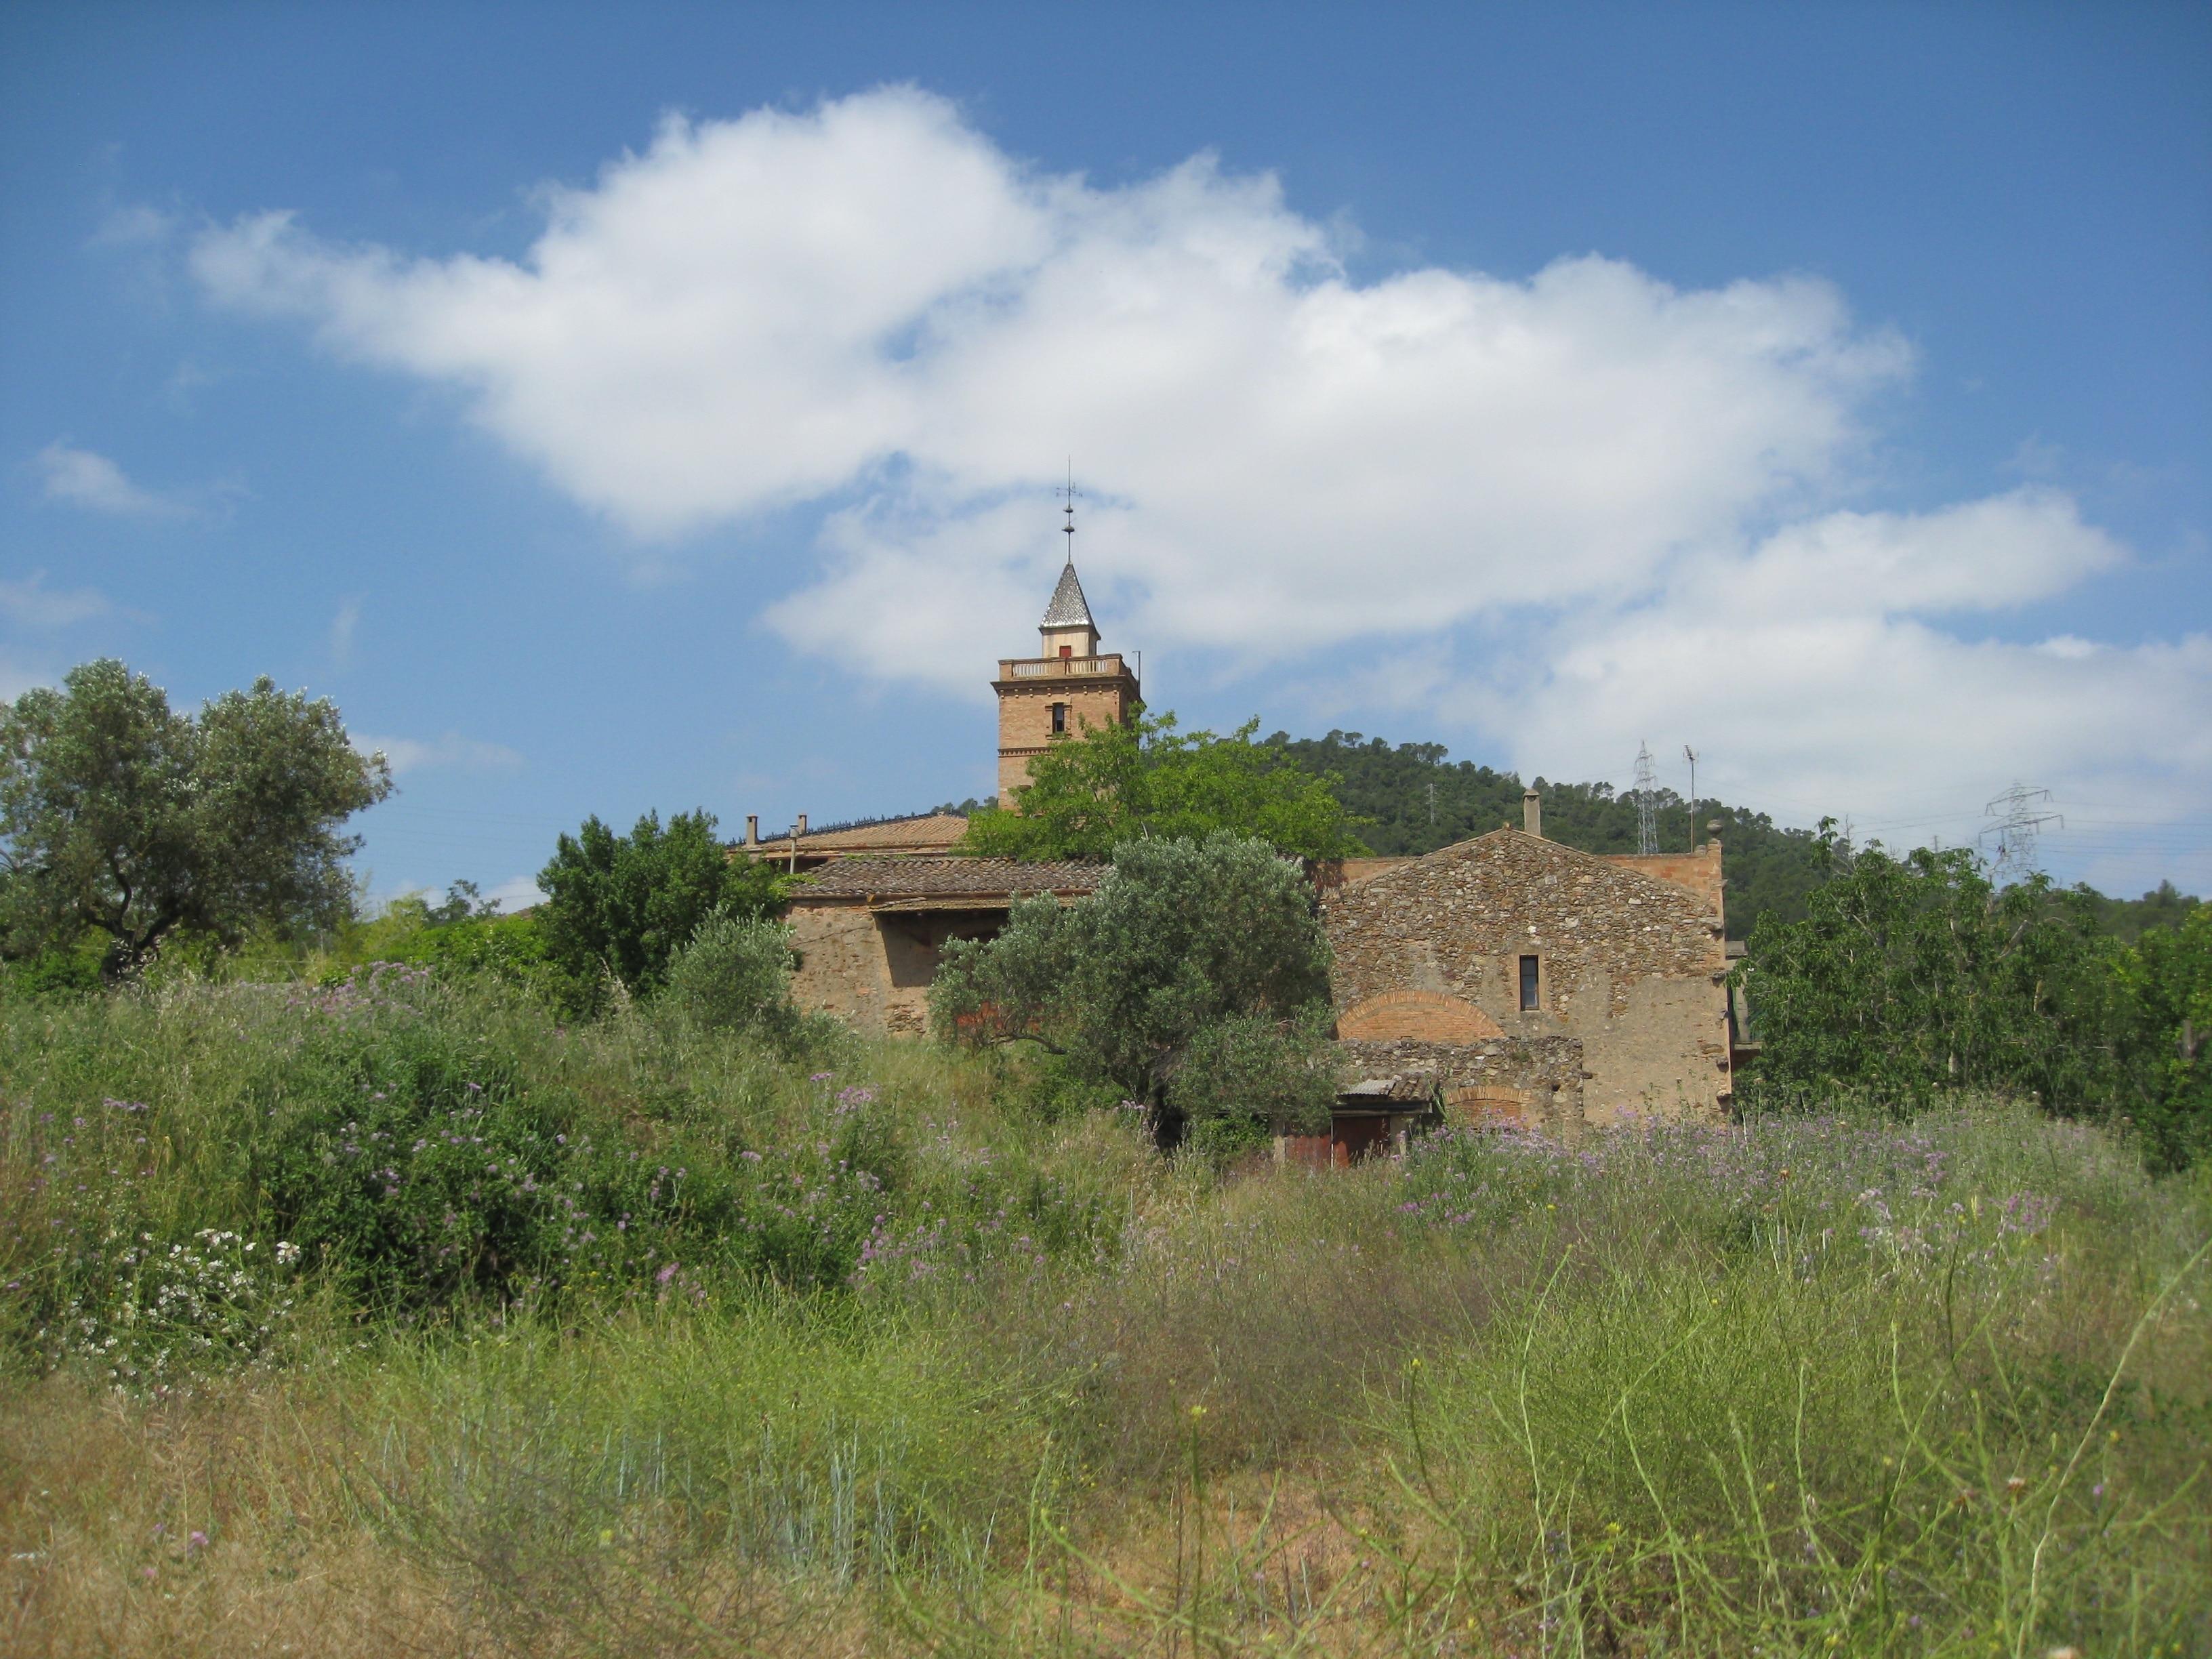 Valldoreix, Sant Cugat del Vallès, Catalonië, Spanje